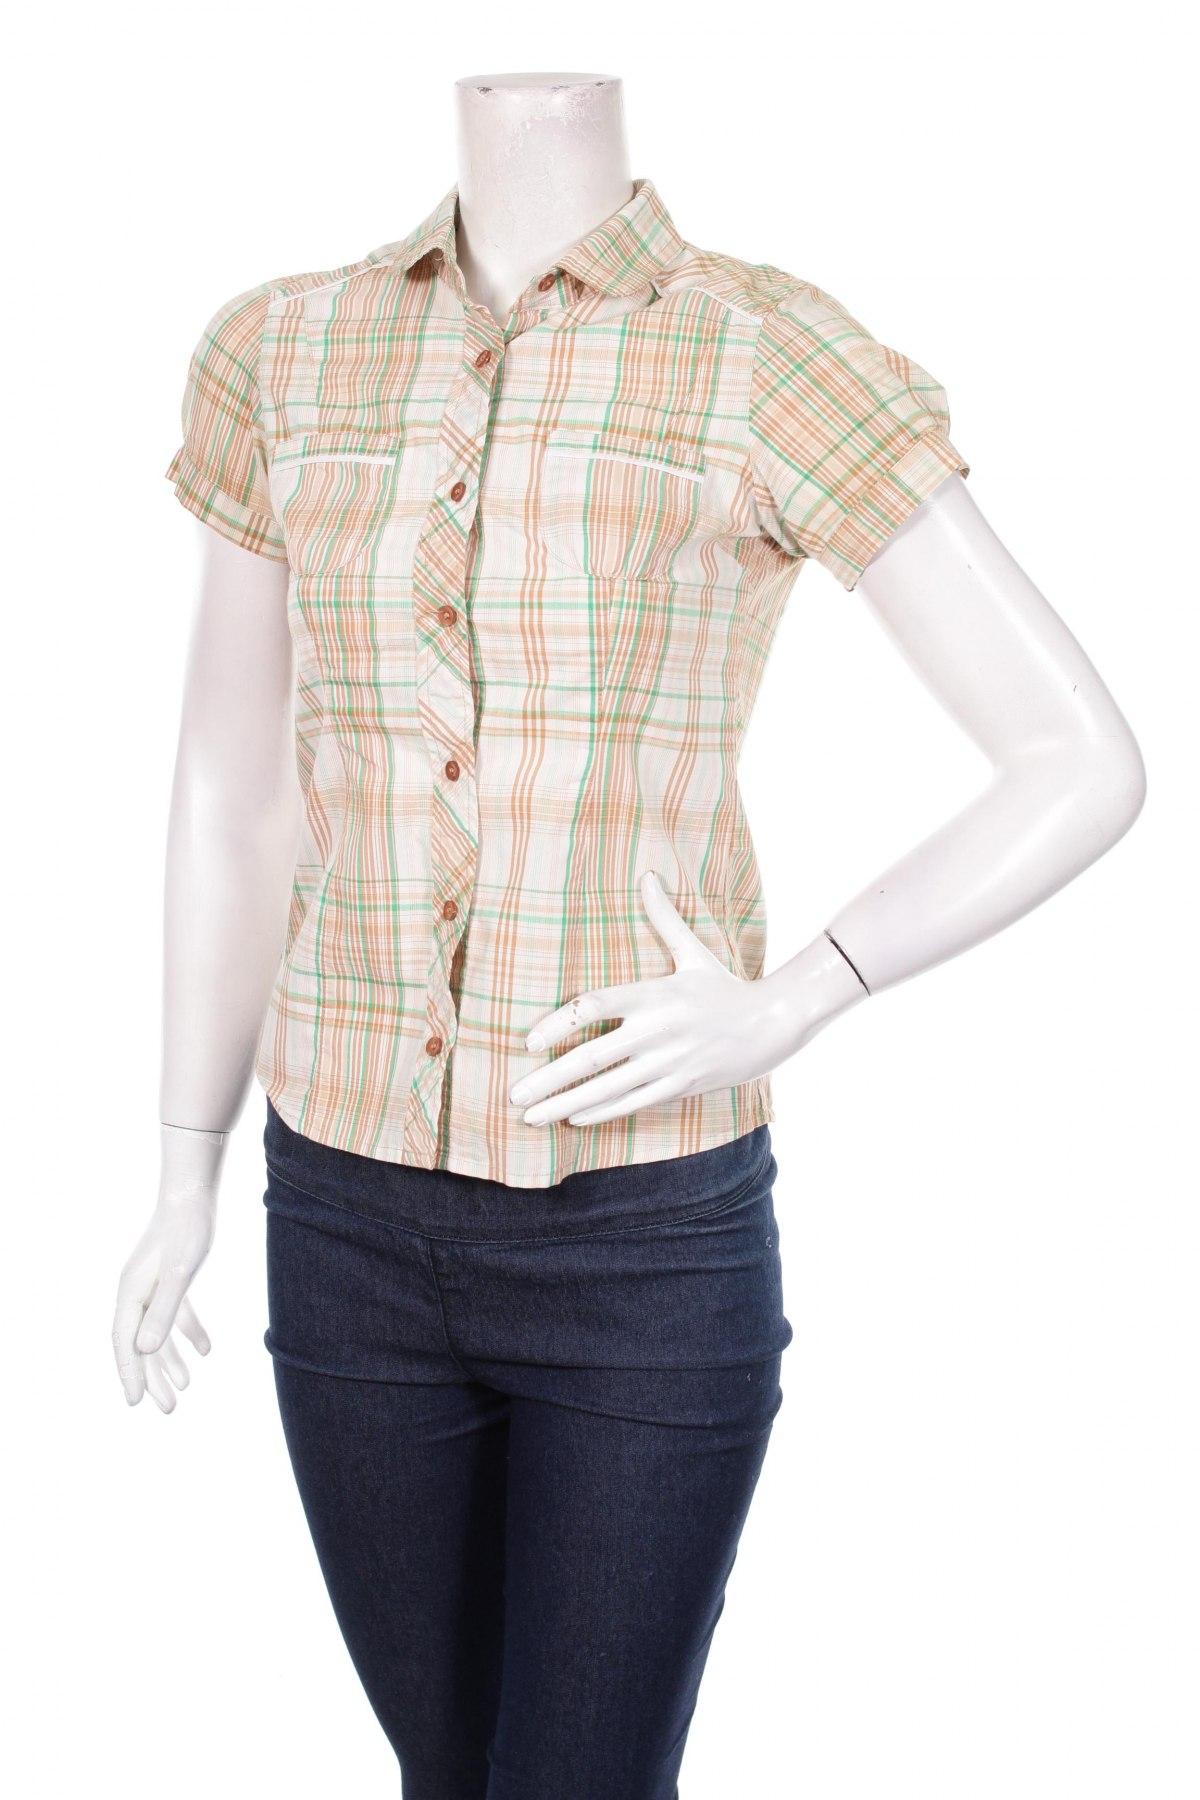 Γυναικείο πουκάμισο Vixen